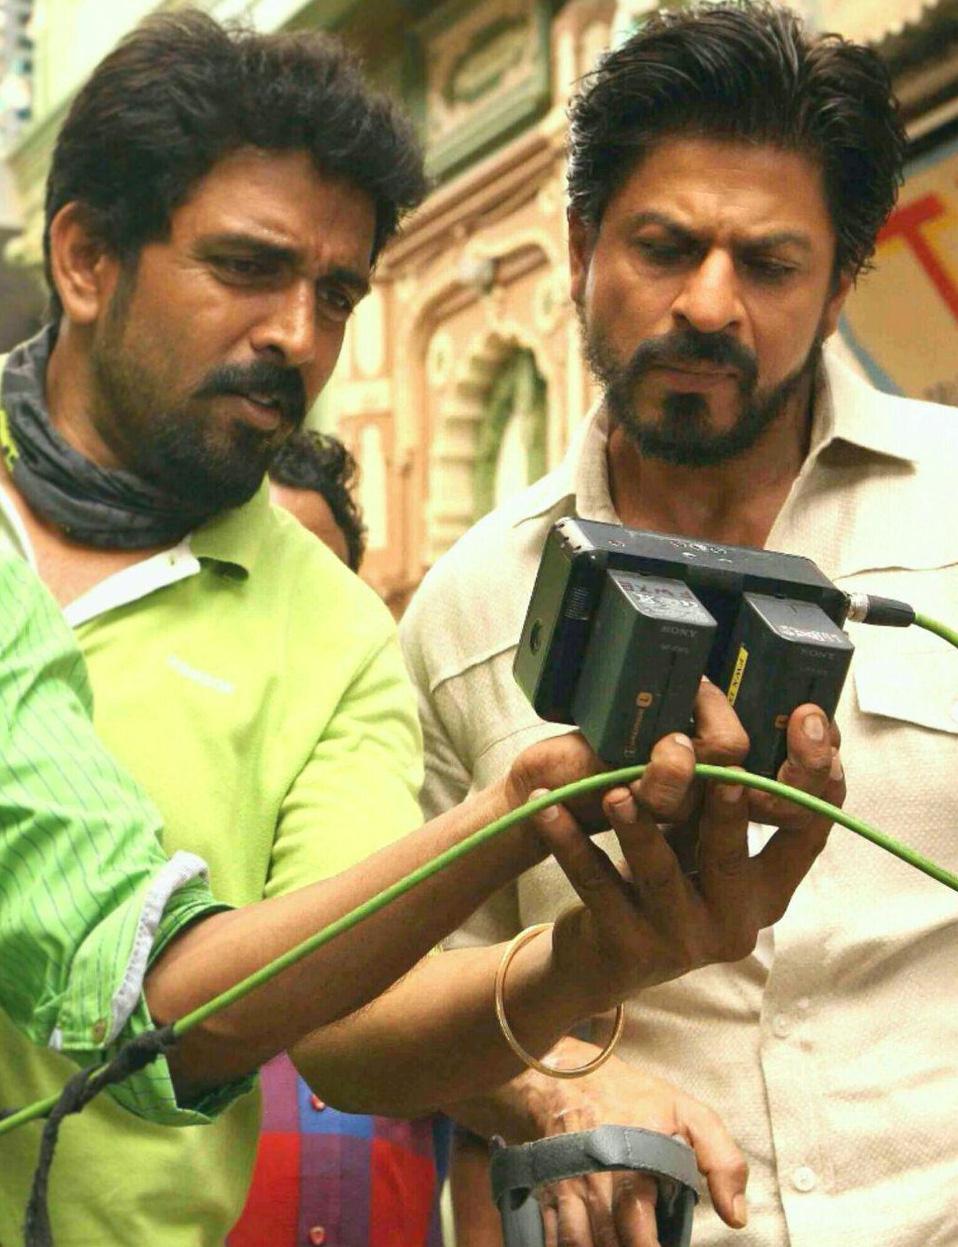 Кадры из фильма смотреть индийский фильм с шахрукх кханом богатей